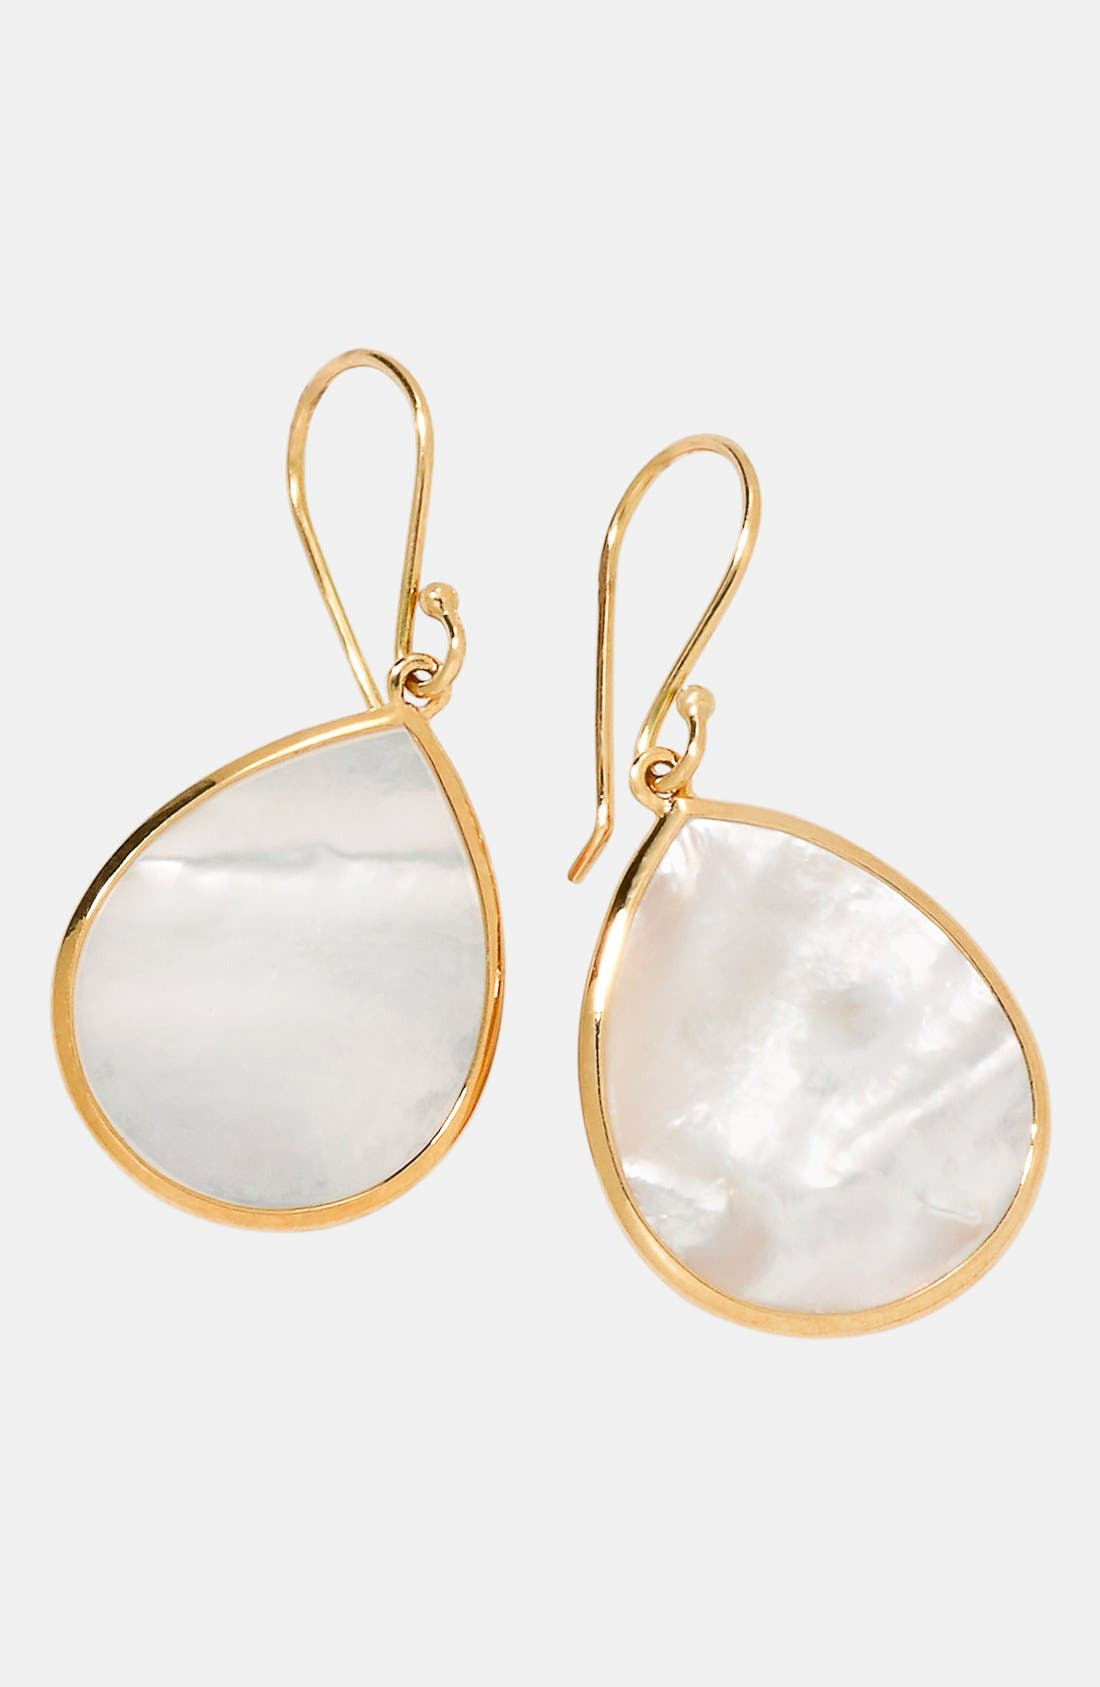 Main Image - Ippolita 'Rock Candy - Mini Teardrop' 18k Gold Earrings